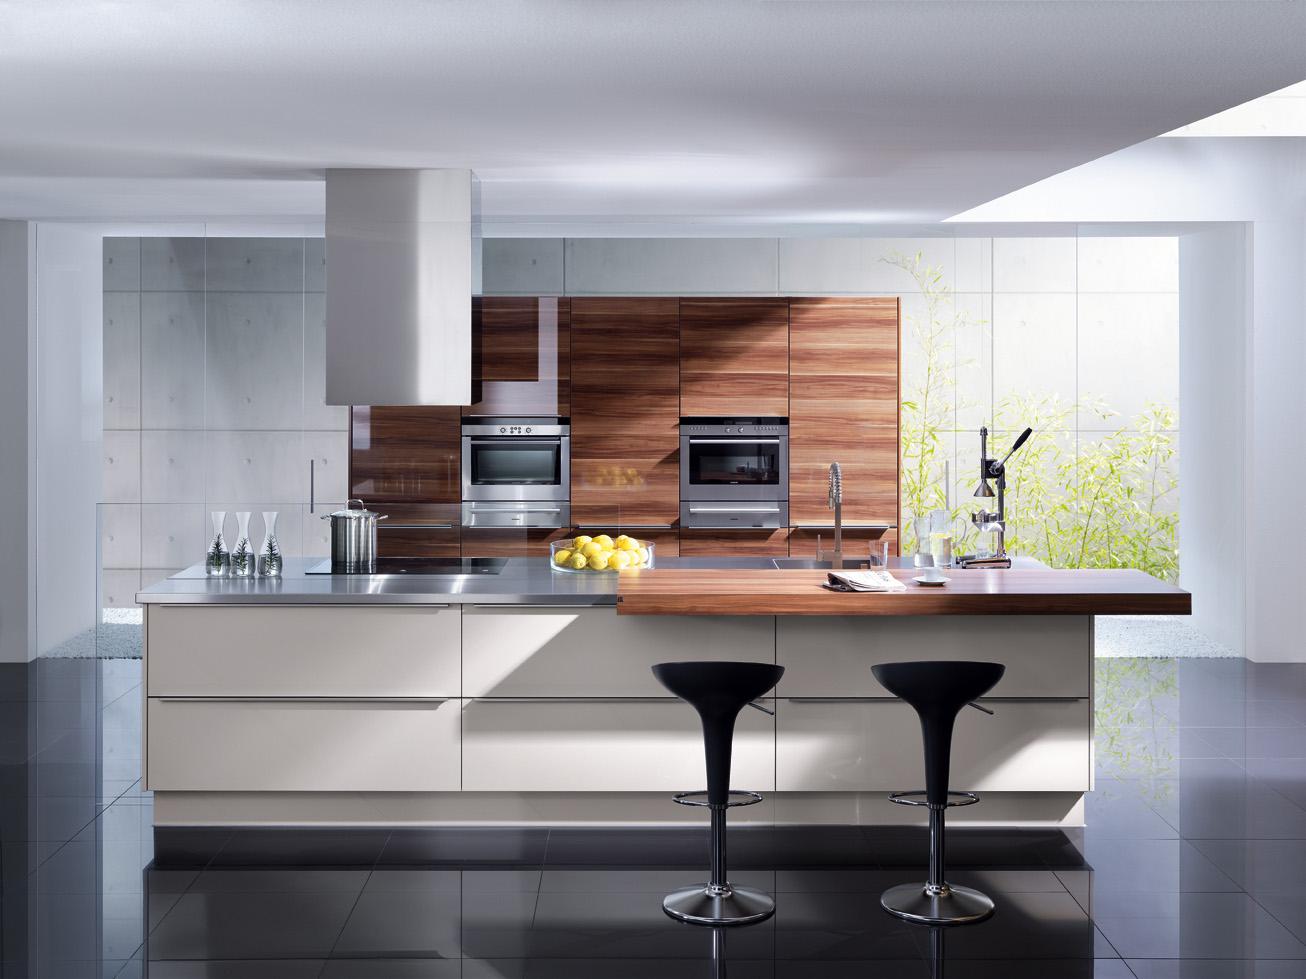 Full Size of Esstisch Küche Landhausstil Küche Mit Essplatz Einrichten Esstisch Küche 60x60 Esstisch Küche Ikea Küche Essplatz Küche